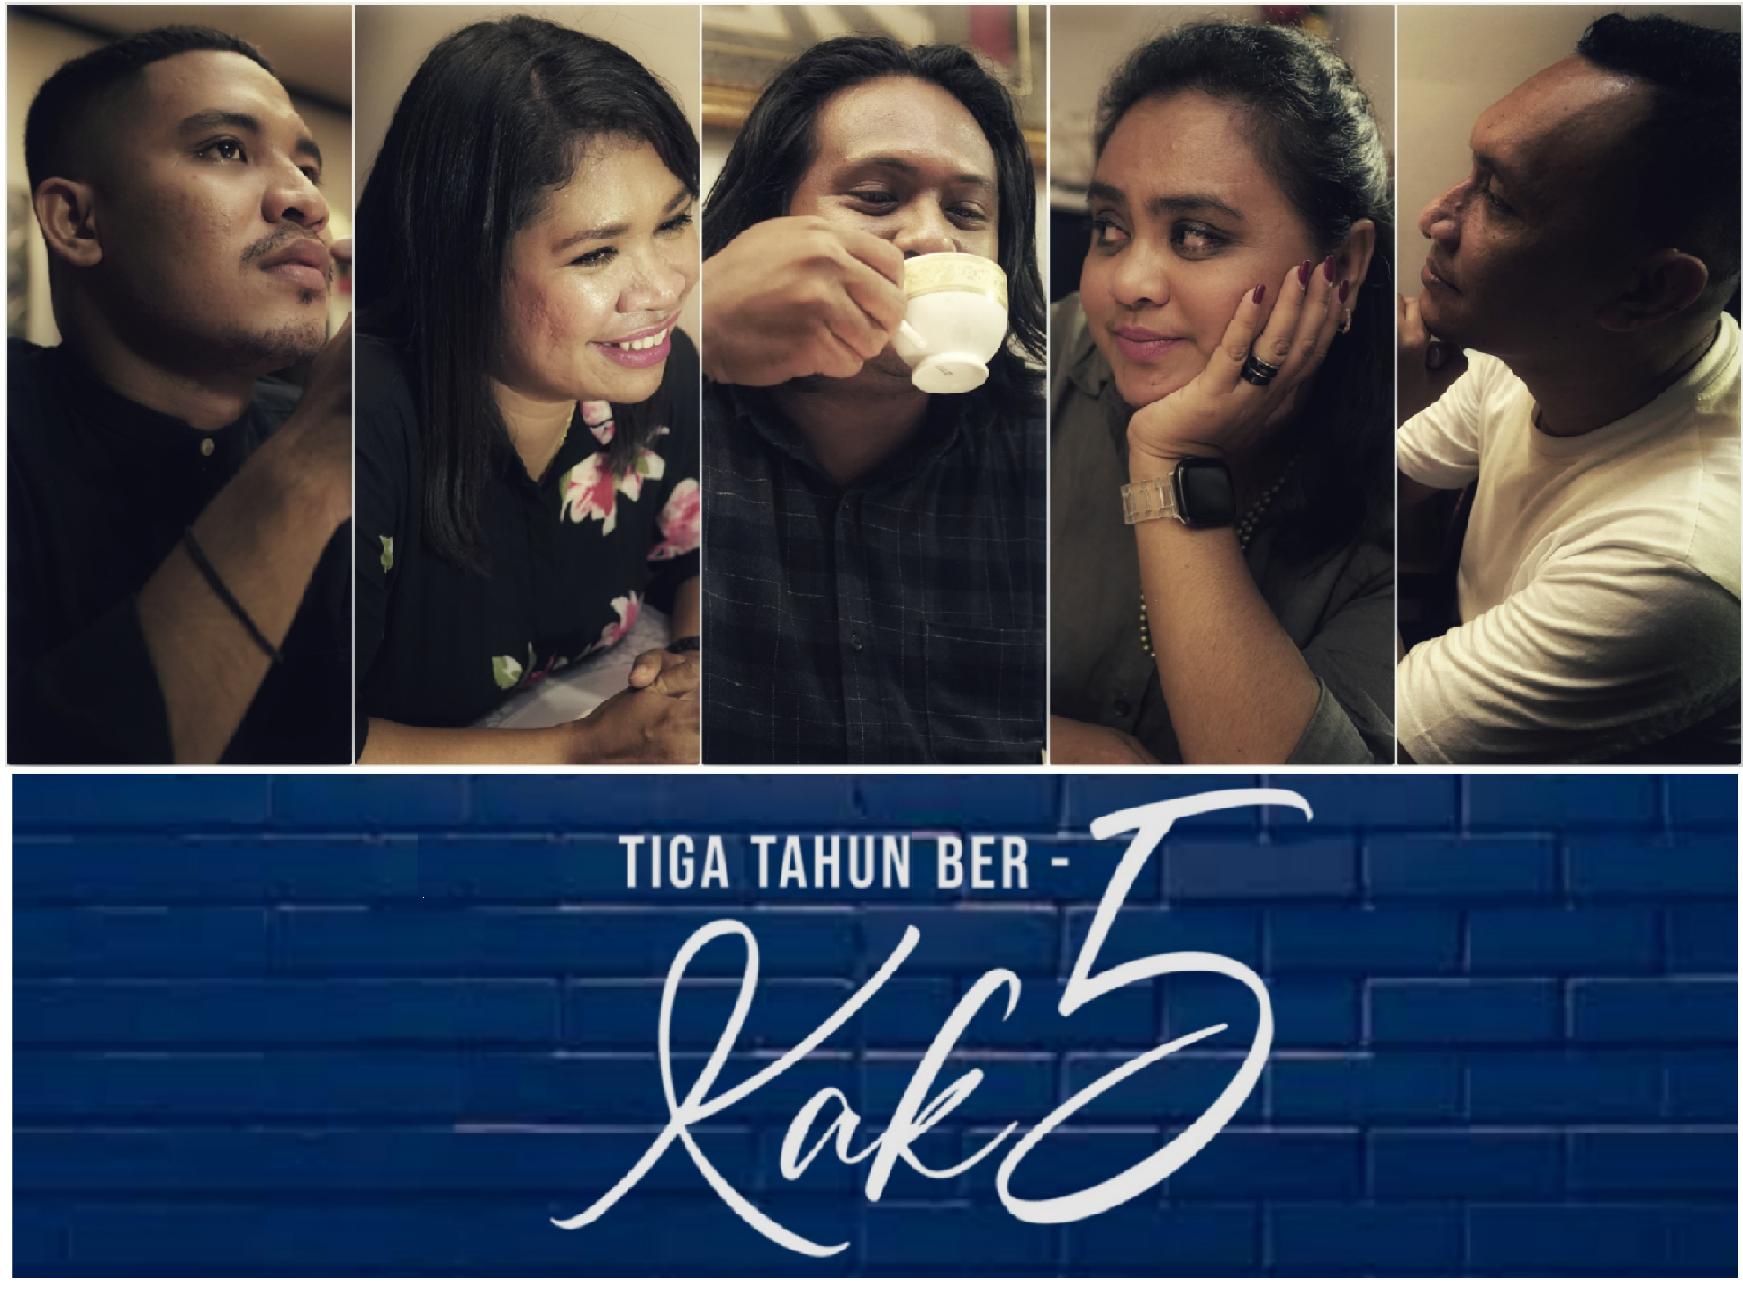 Personil KAK5 dari kiri ke kanan Gideon Beffers, Margi Sipahelut, Figgy Papilaya, Marionie Serhalawan, dan Falantino Latupapua. (foto kak5)